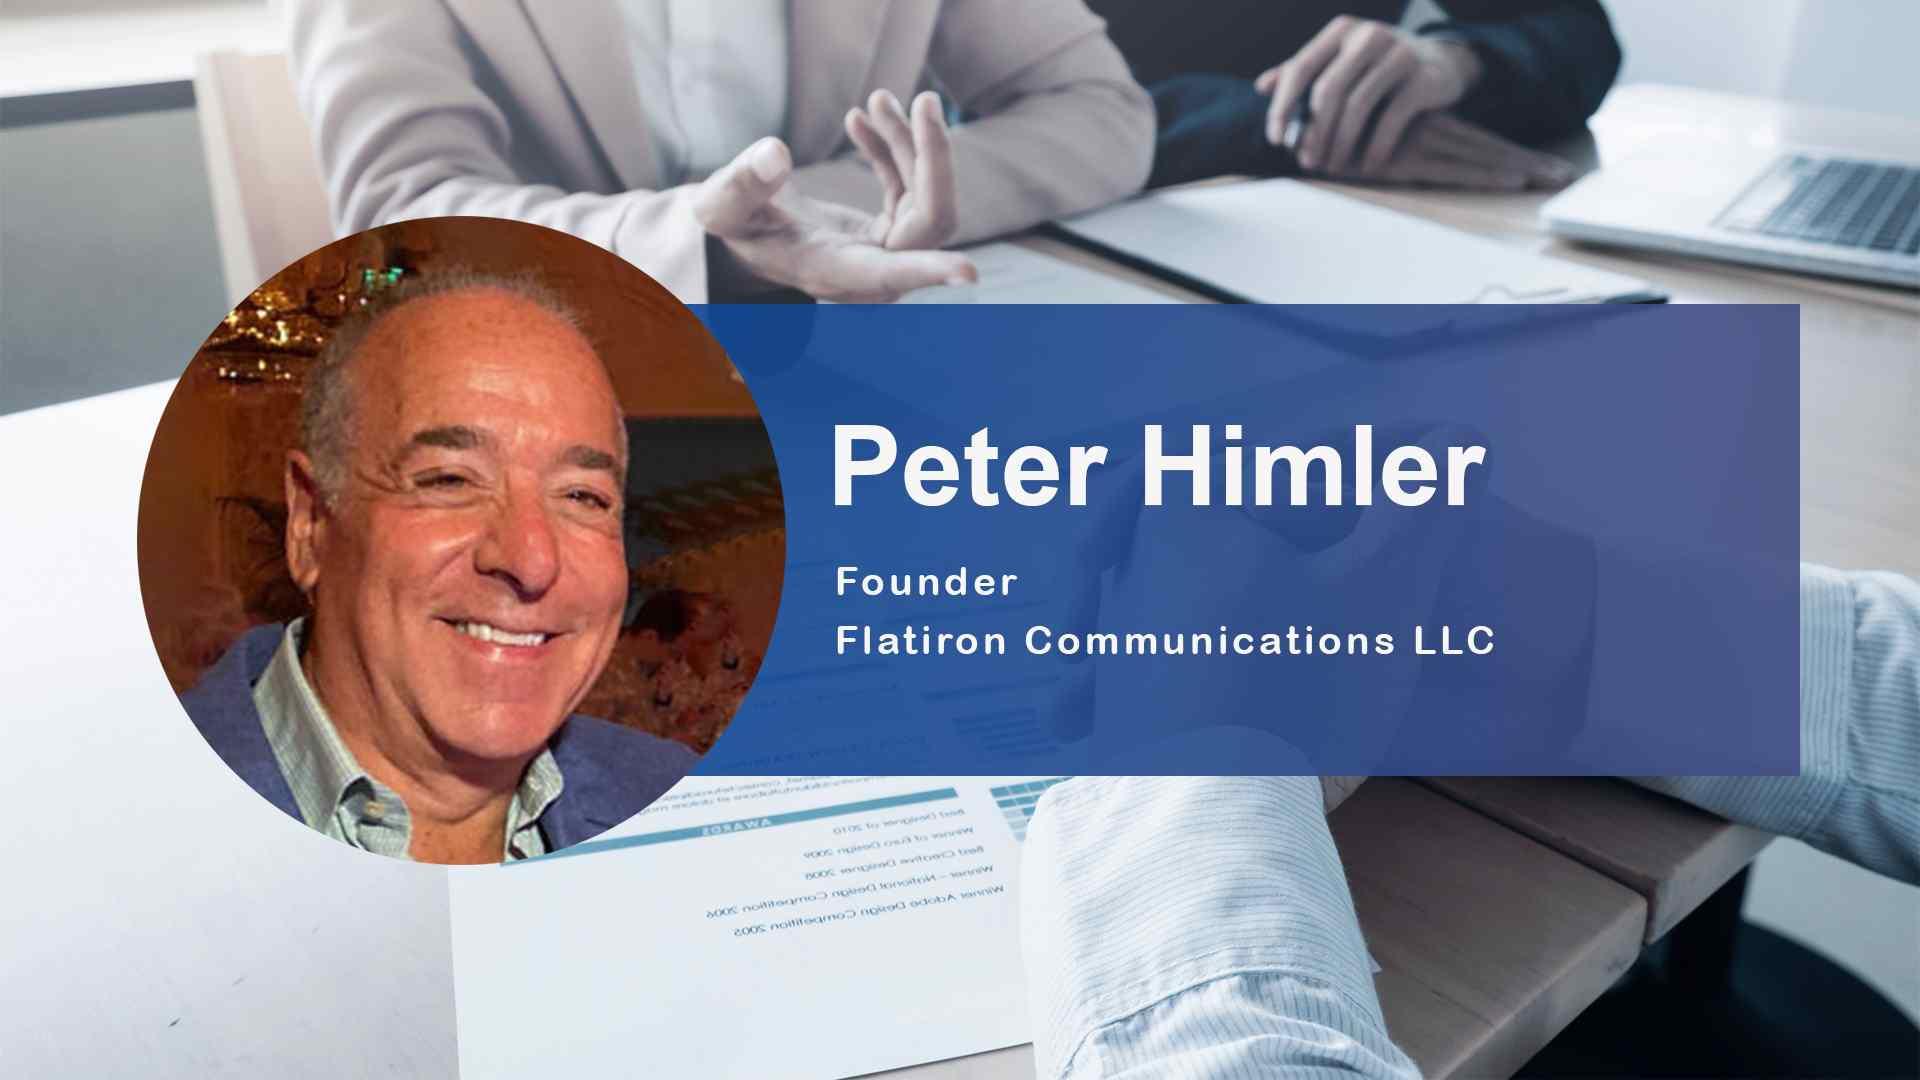 Peter Himler interviewed by Blue Ocean Global Technology